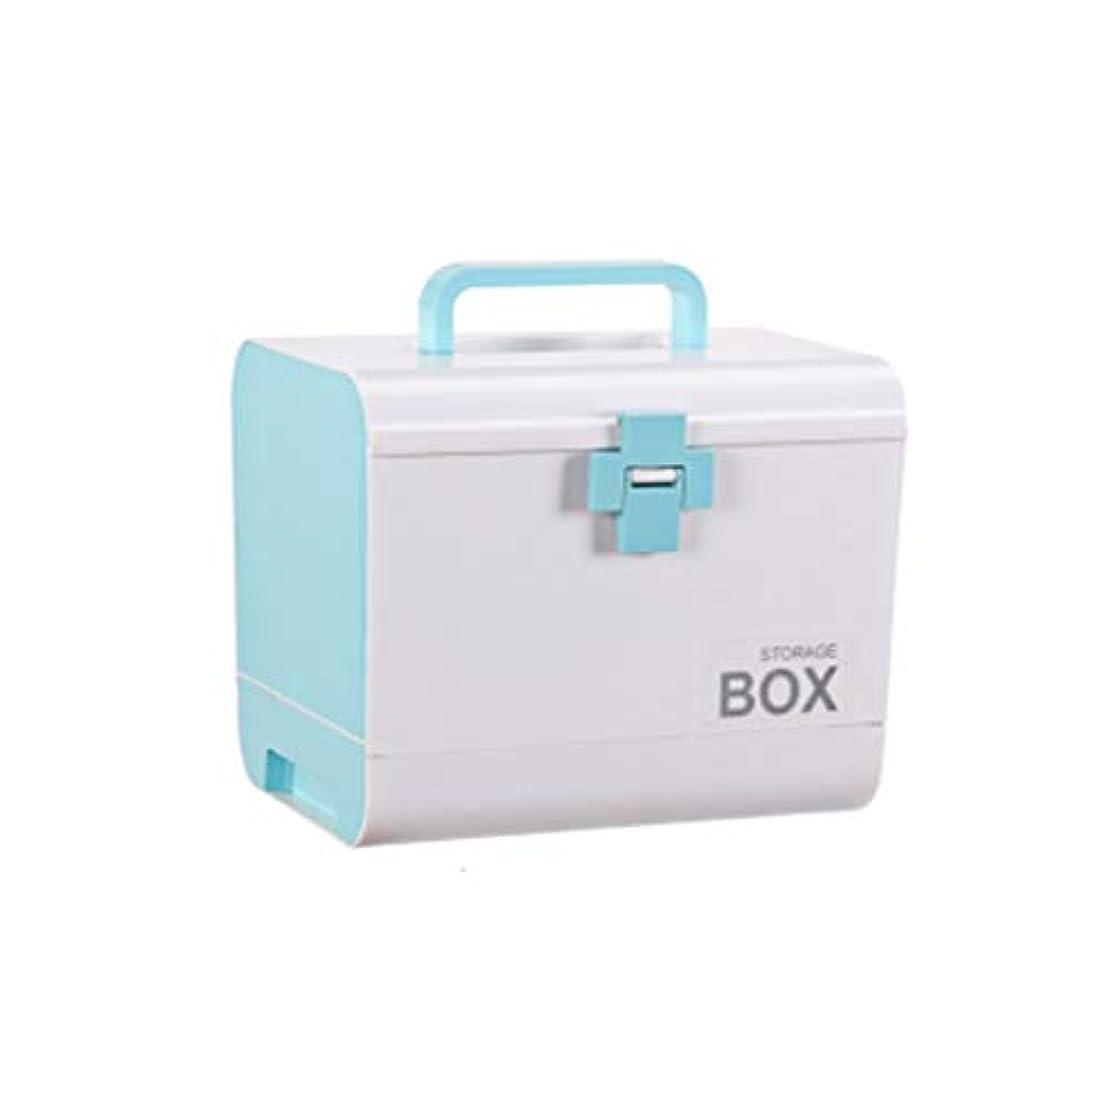 ベッド権限レトルトYYFRB ポータブル薬箱、家庭薬大型救急箱、薬収納箱 医学パッケージ (Color : Blue)